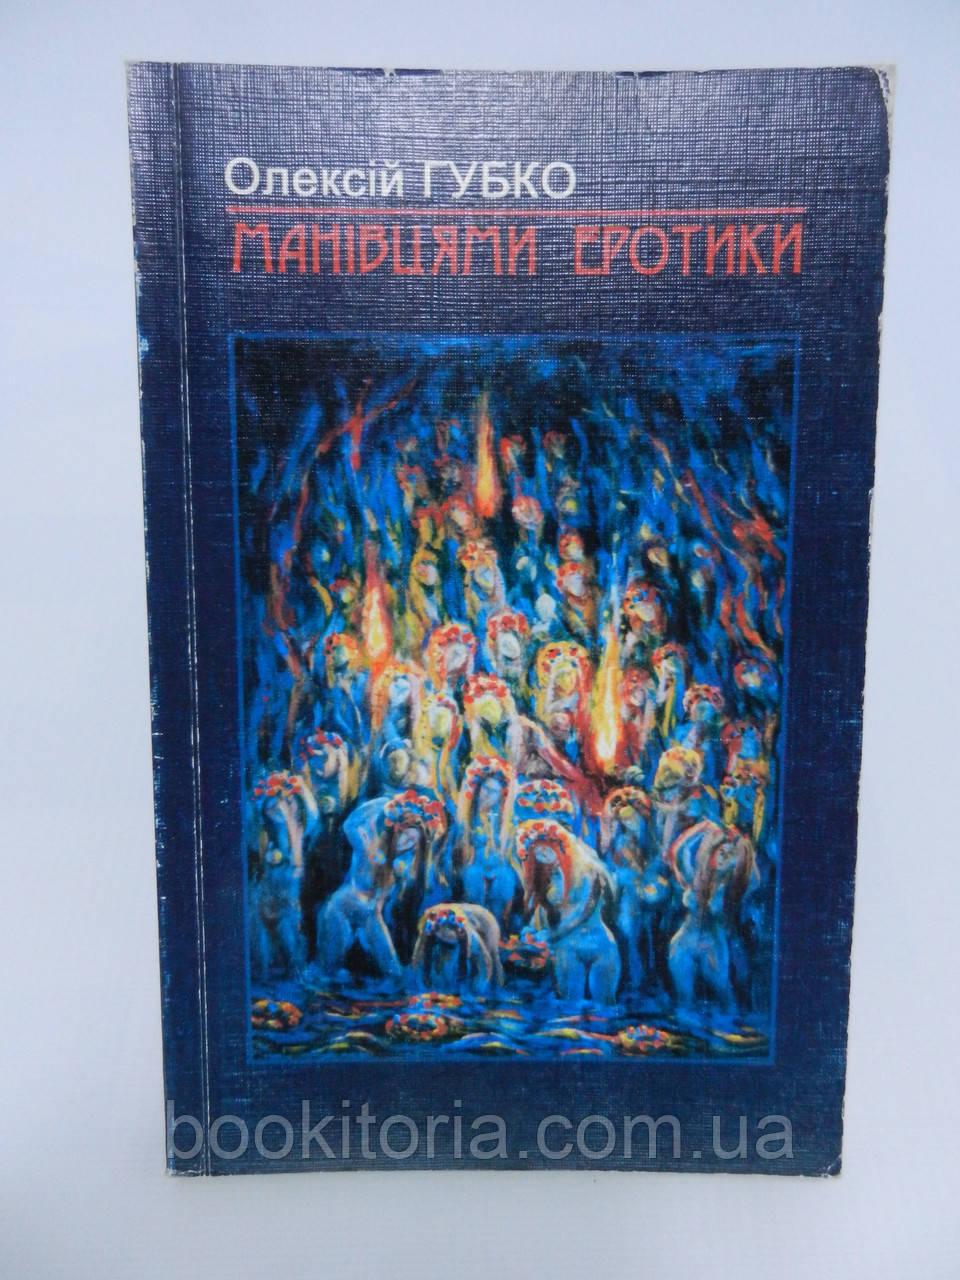 Губко О. Манівцями еротики. Українська гріховна проза (б/у).